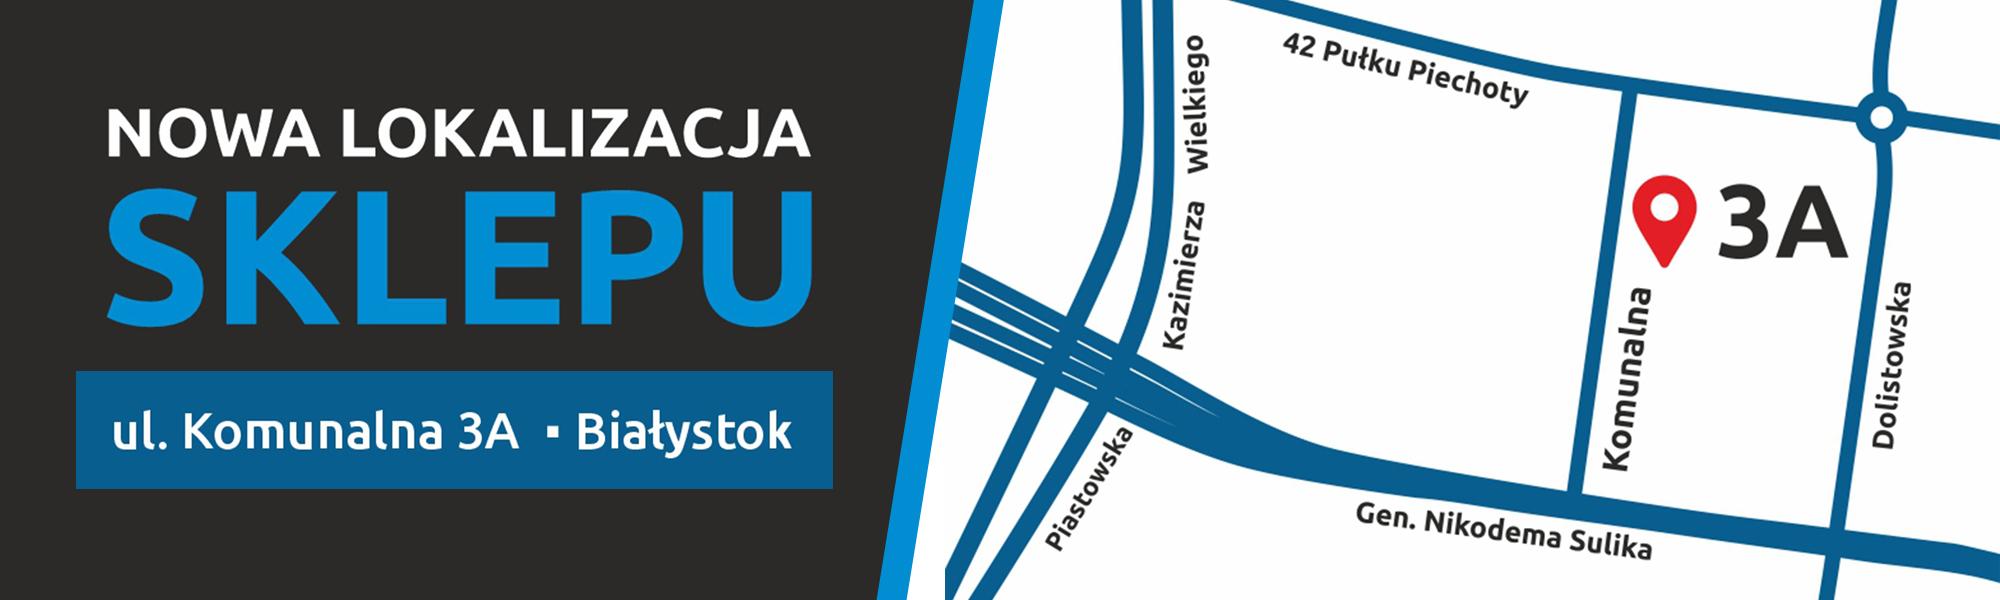 WIR - Hurtownia Stolarska - Białystok